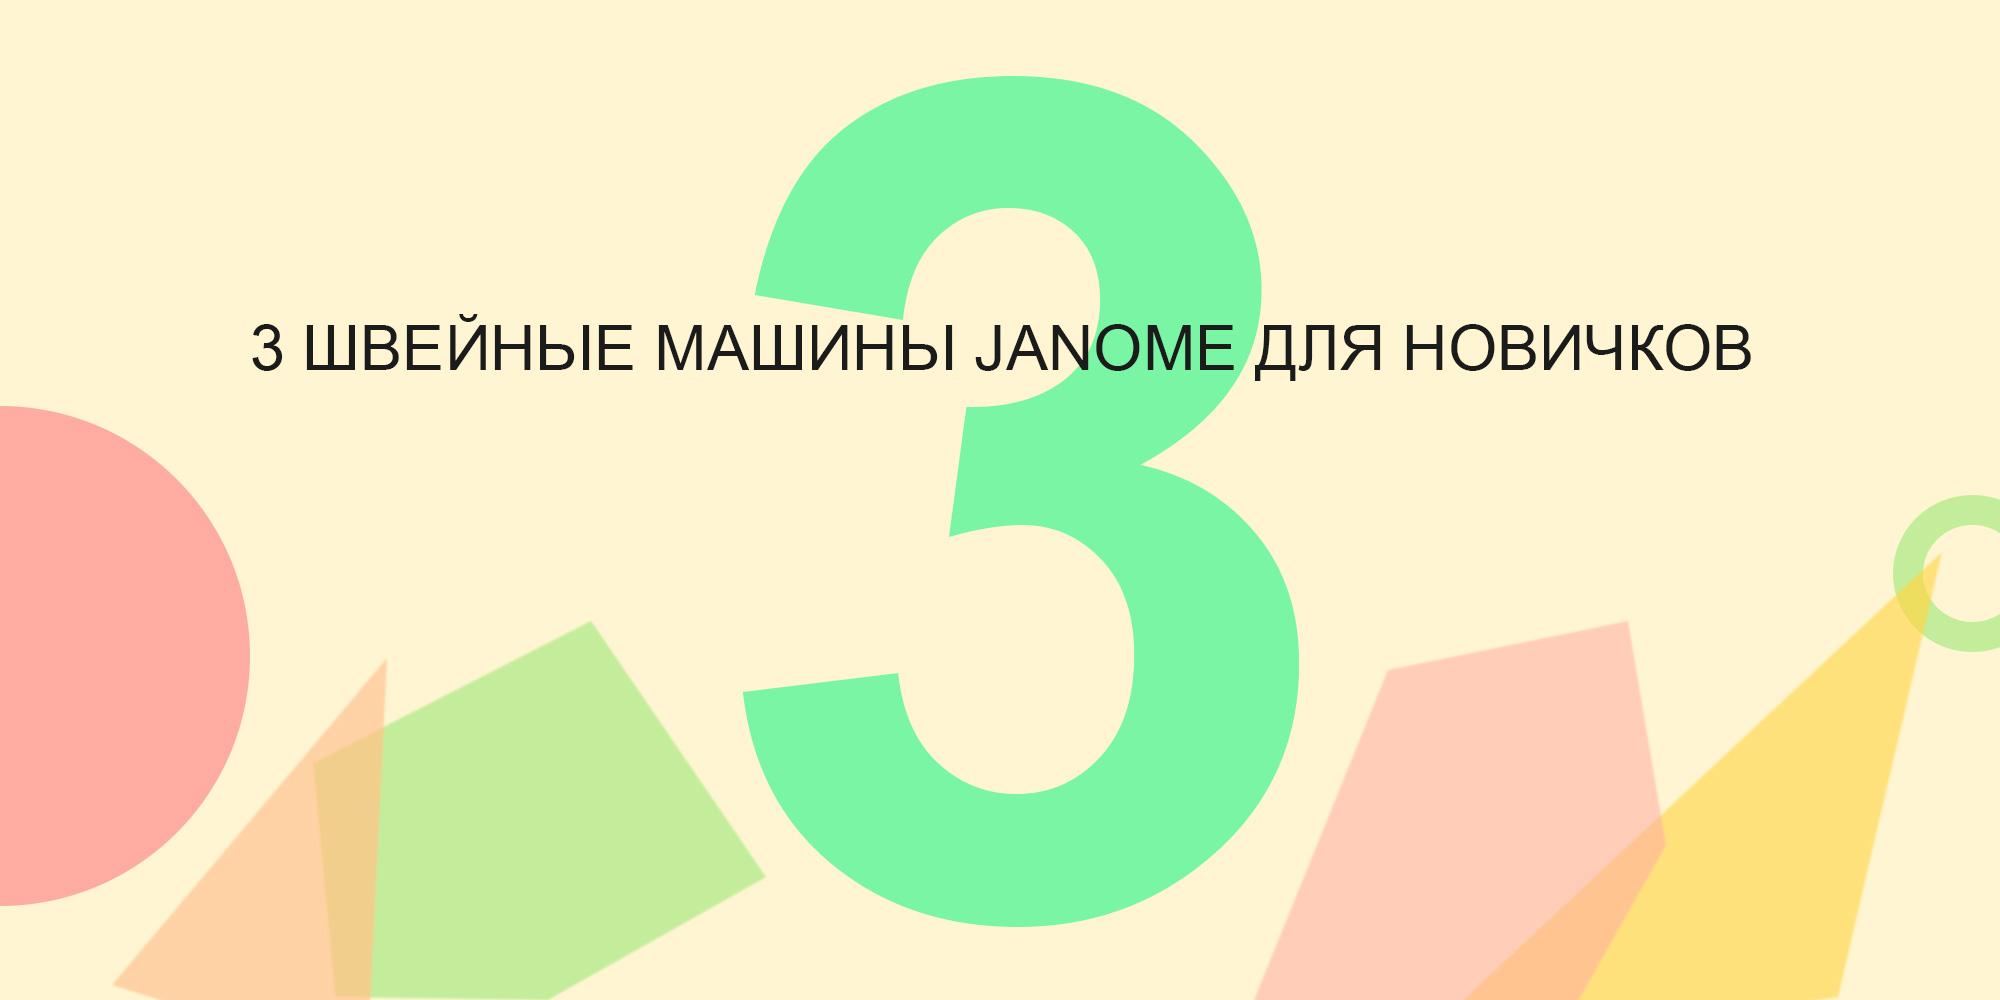 3 Швейные машины Janome для новичков